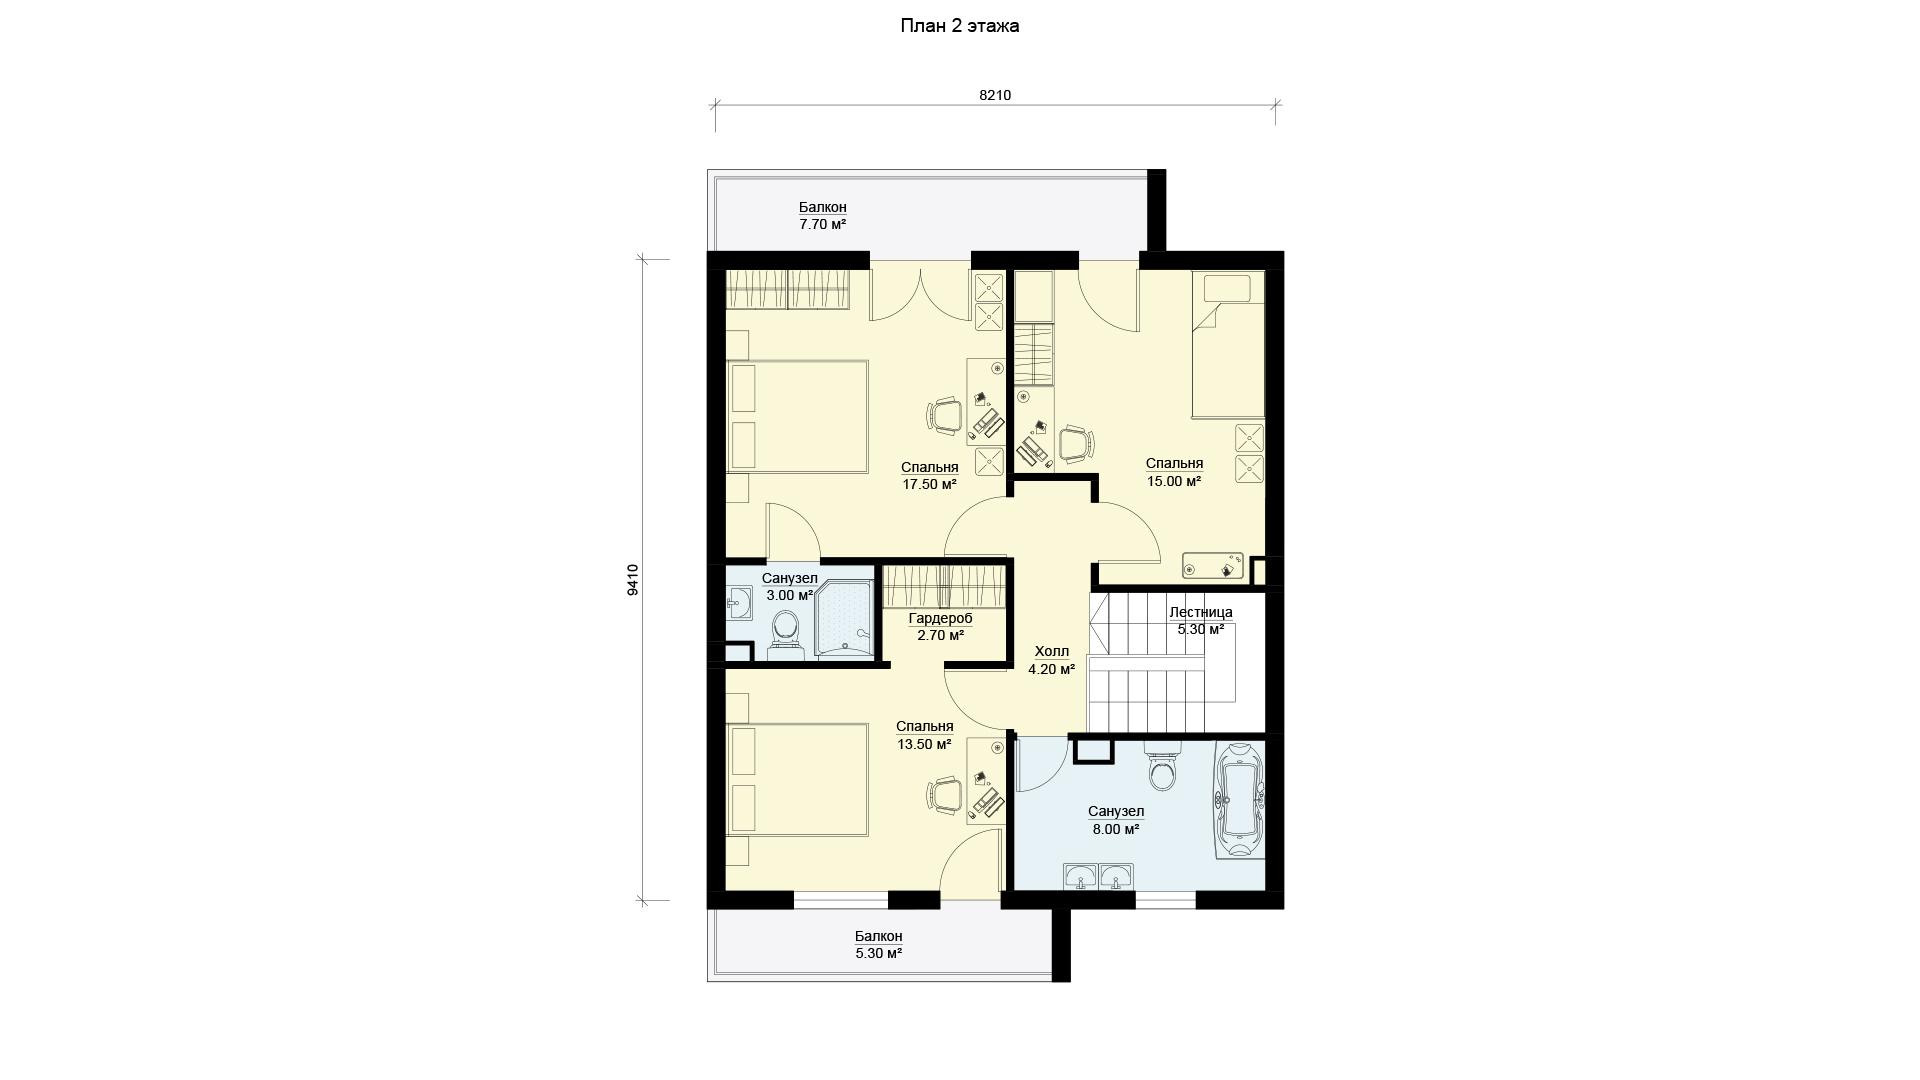 План второго этажа двухэтажного дома с балконами и террасой, проект БЭНПАН МС-181.